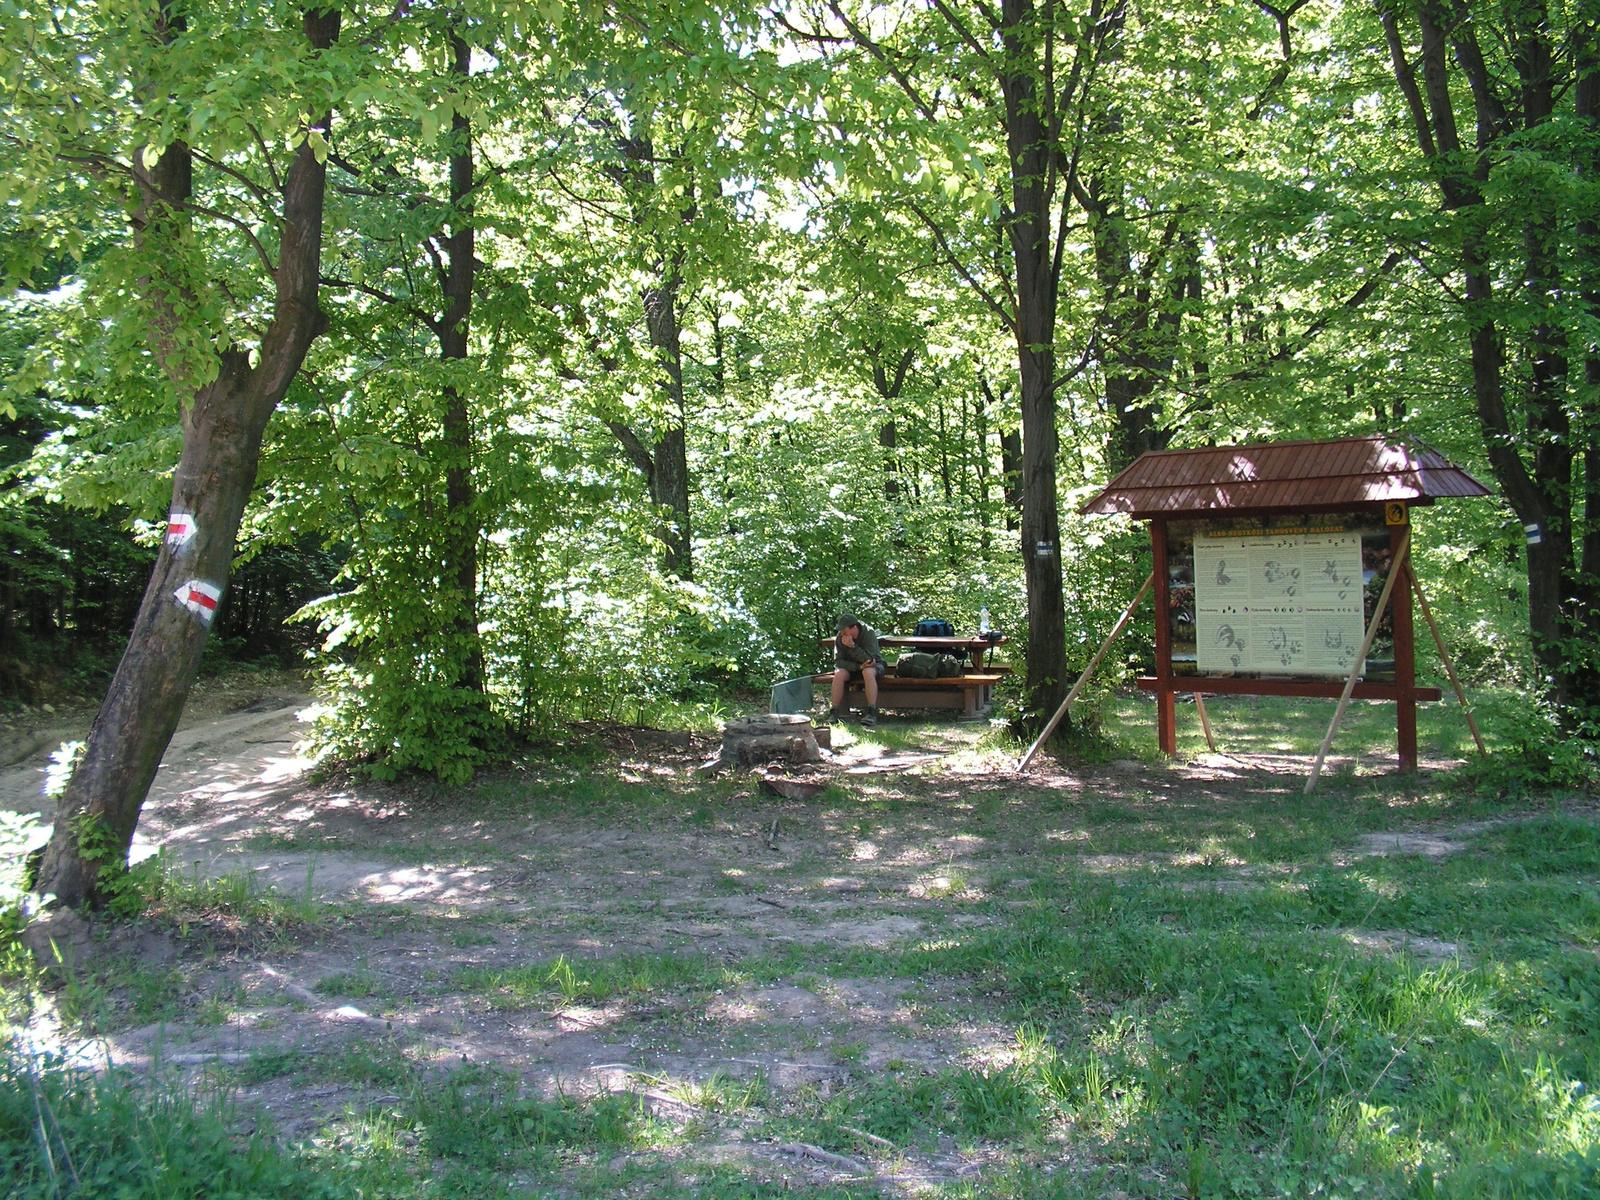 298 Cserép-tó, pihenőhely az erdei utak csomópontjában